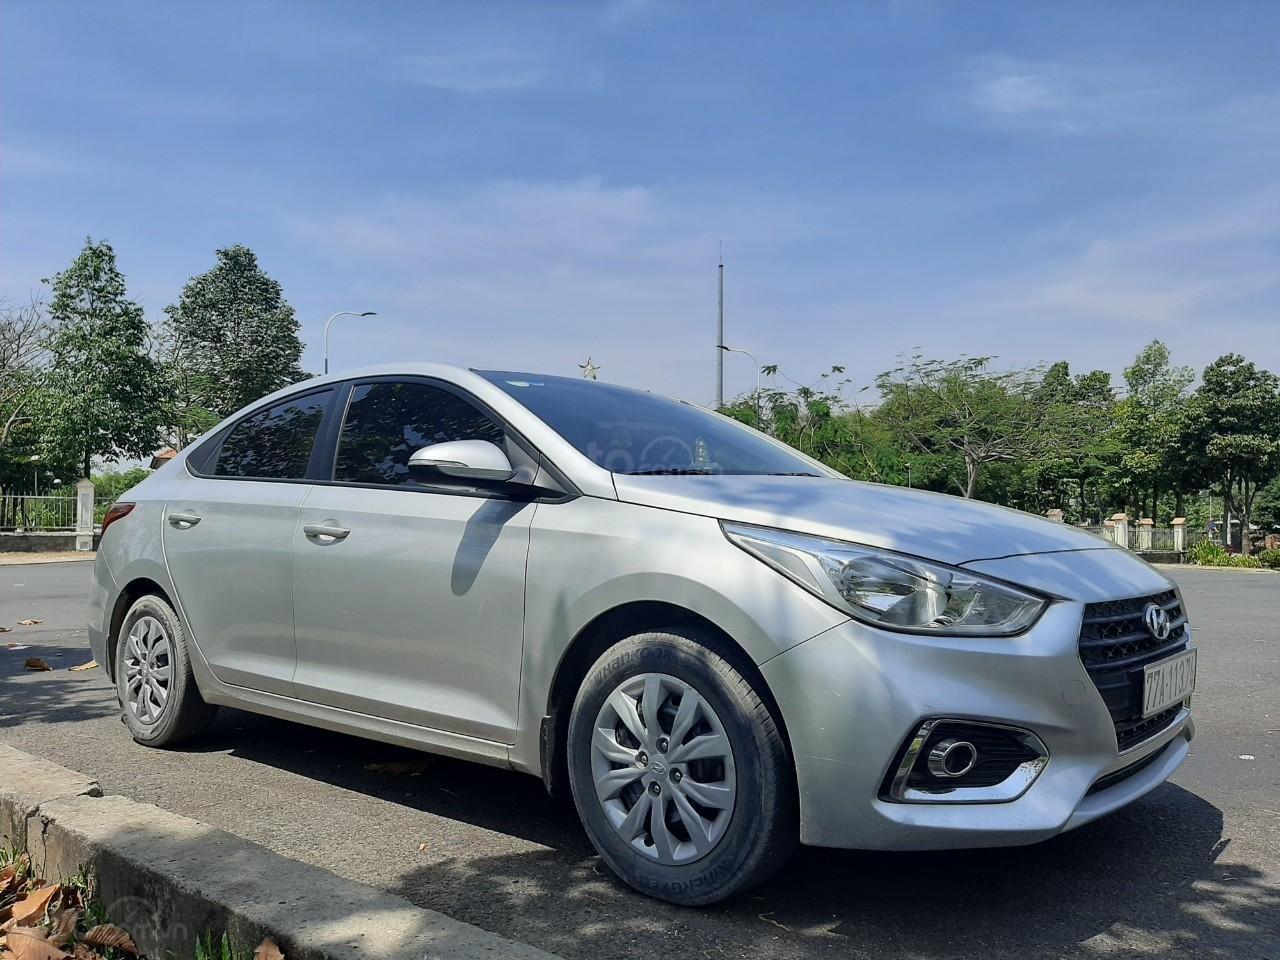 Cần bán gấp Hyundai Accent năm sản xuất 2018 (1)